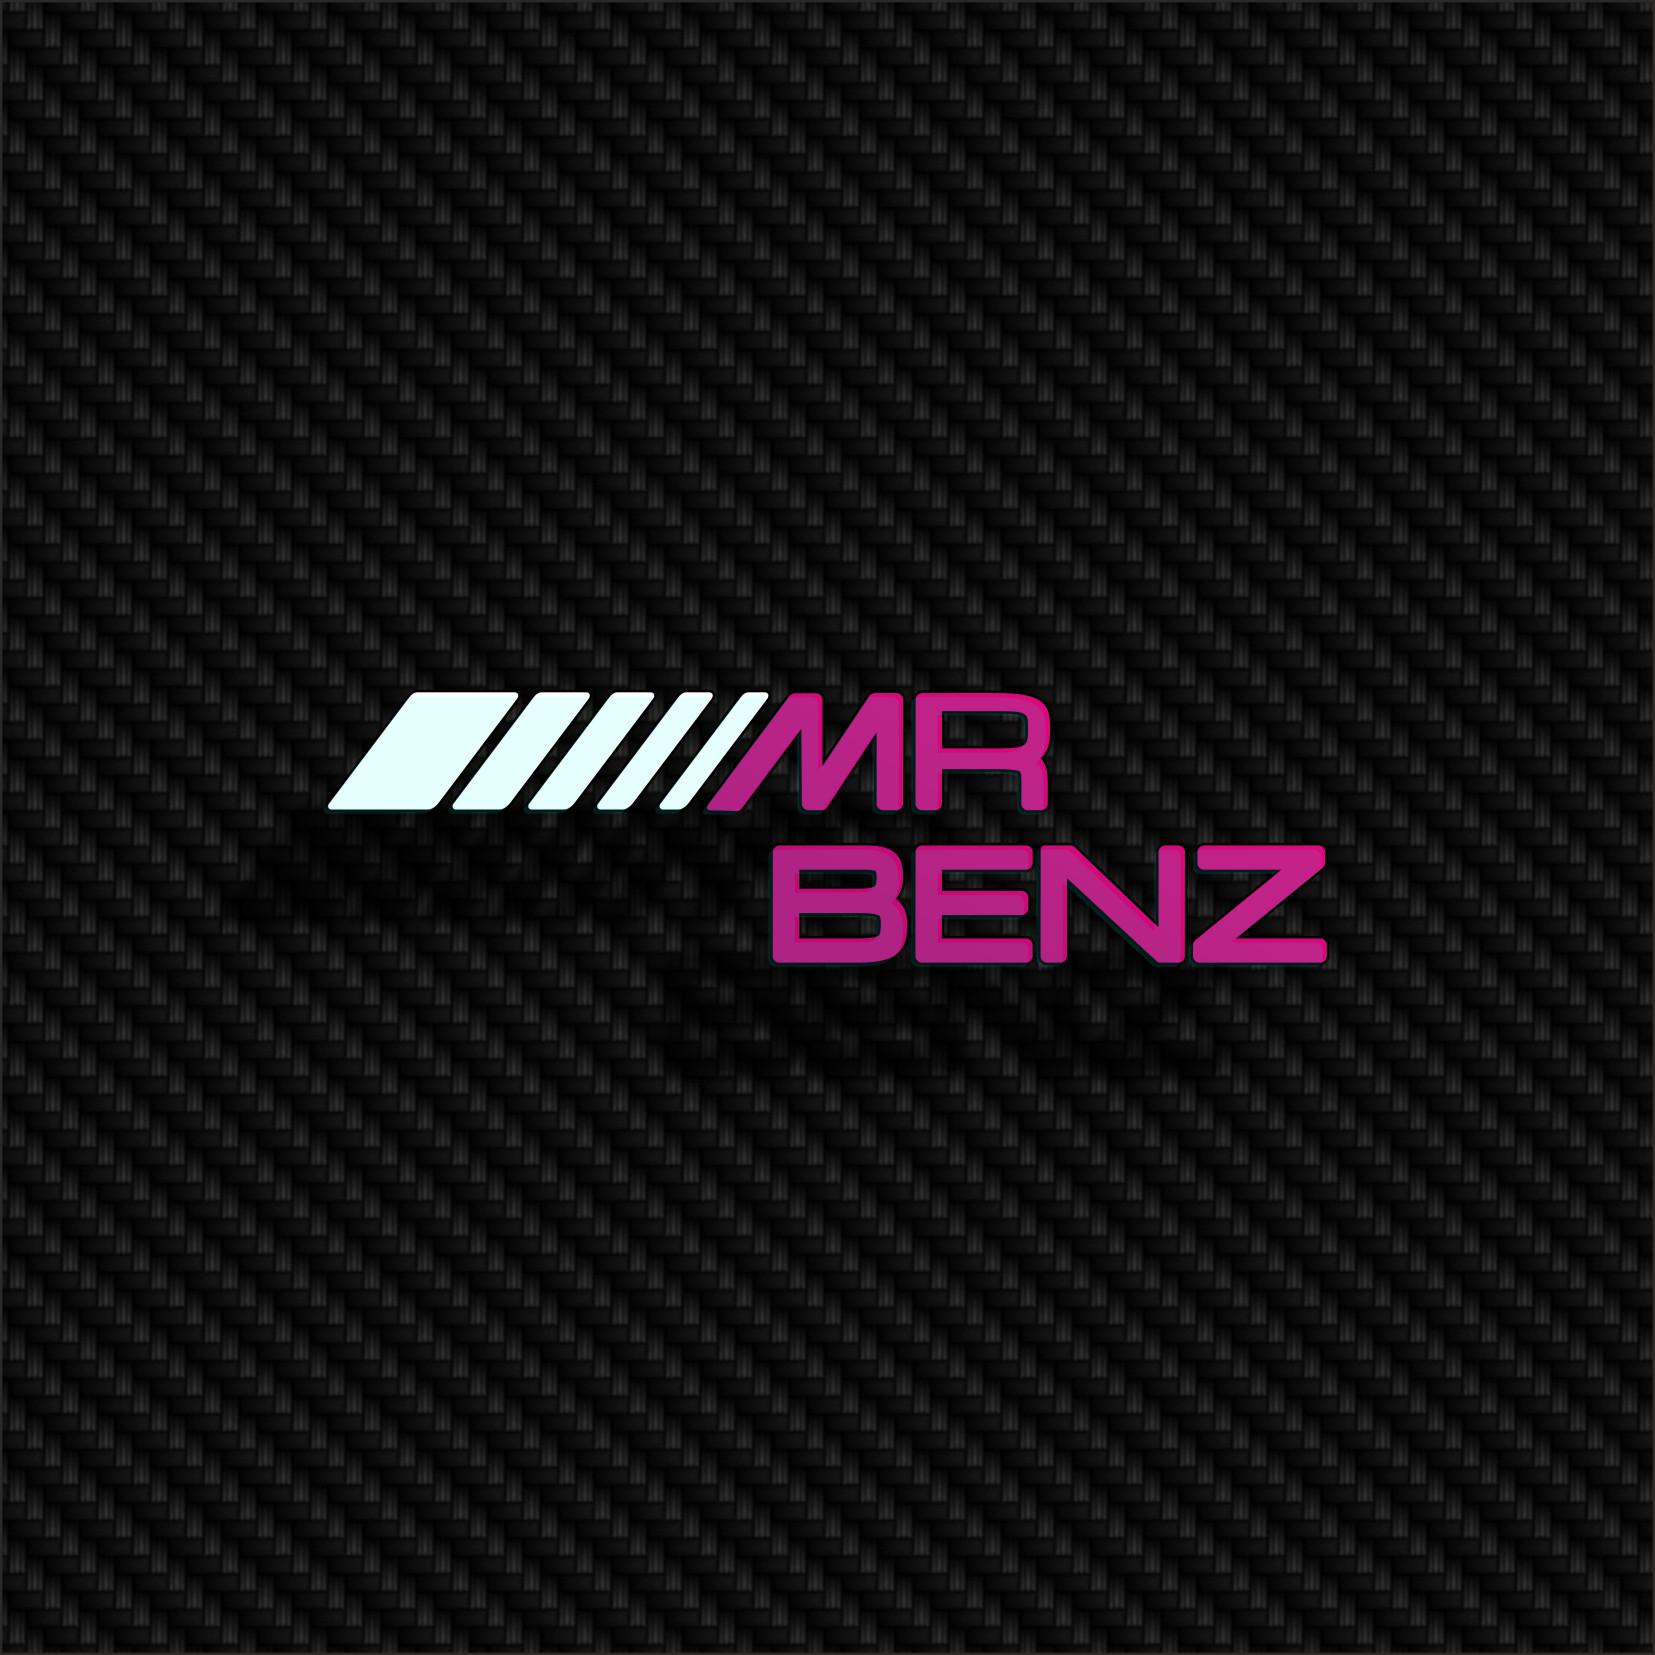 Логотип MrBenz - Volkov Lab.